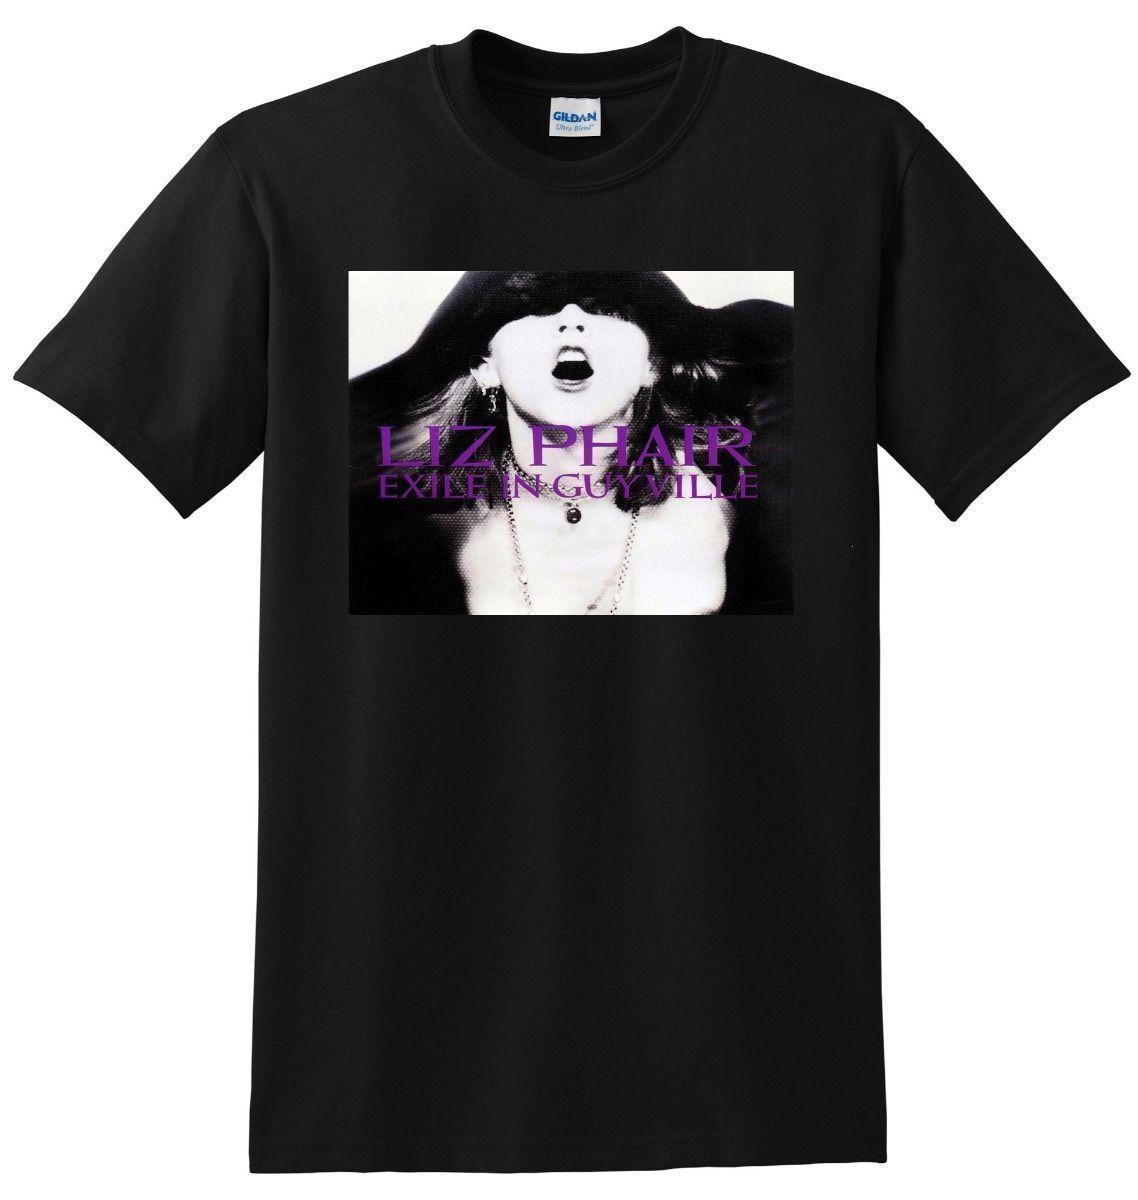 New Liz Phair T Shirt Exile In Guyville Vinyl Cd Cover Mens T Shirt